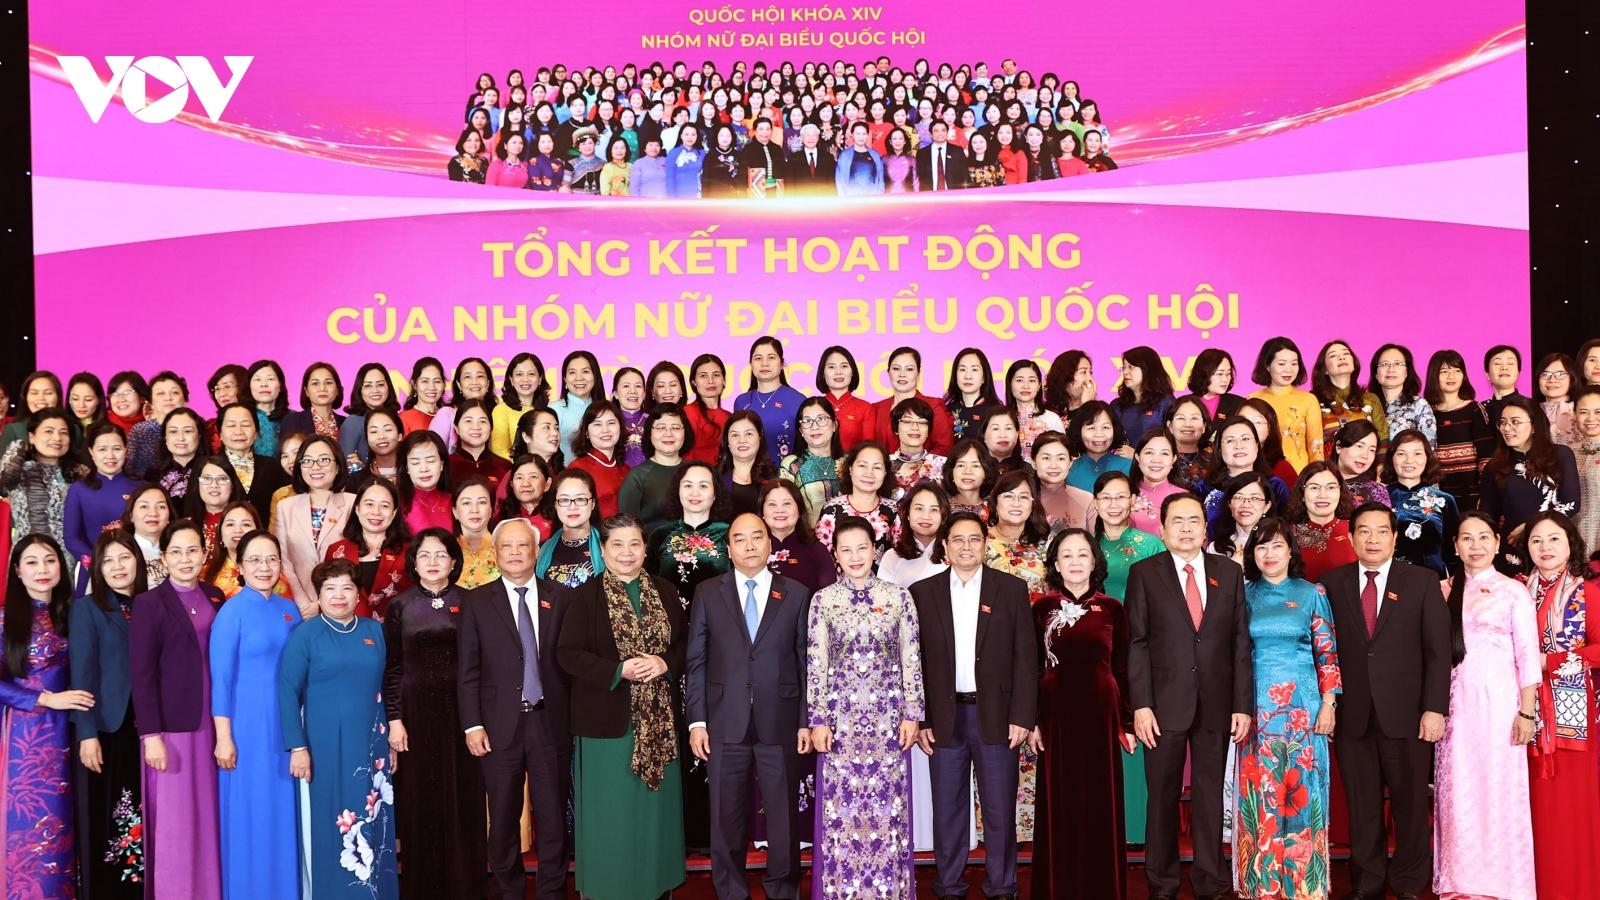 Hoạt động của Nhóm nữ đại biểu Quốc hội ngày càng đa dạng, phong phú